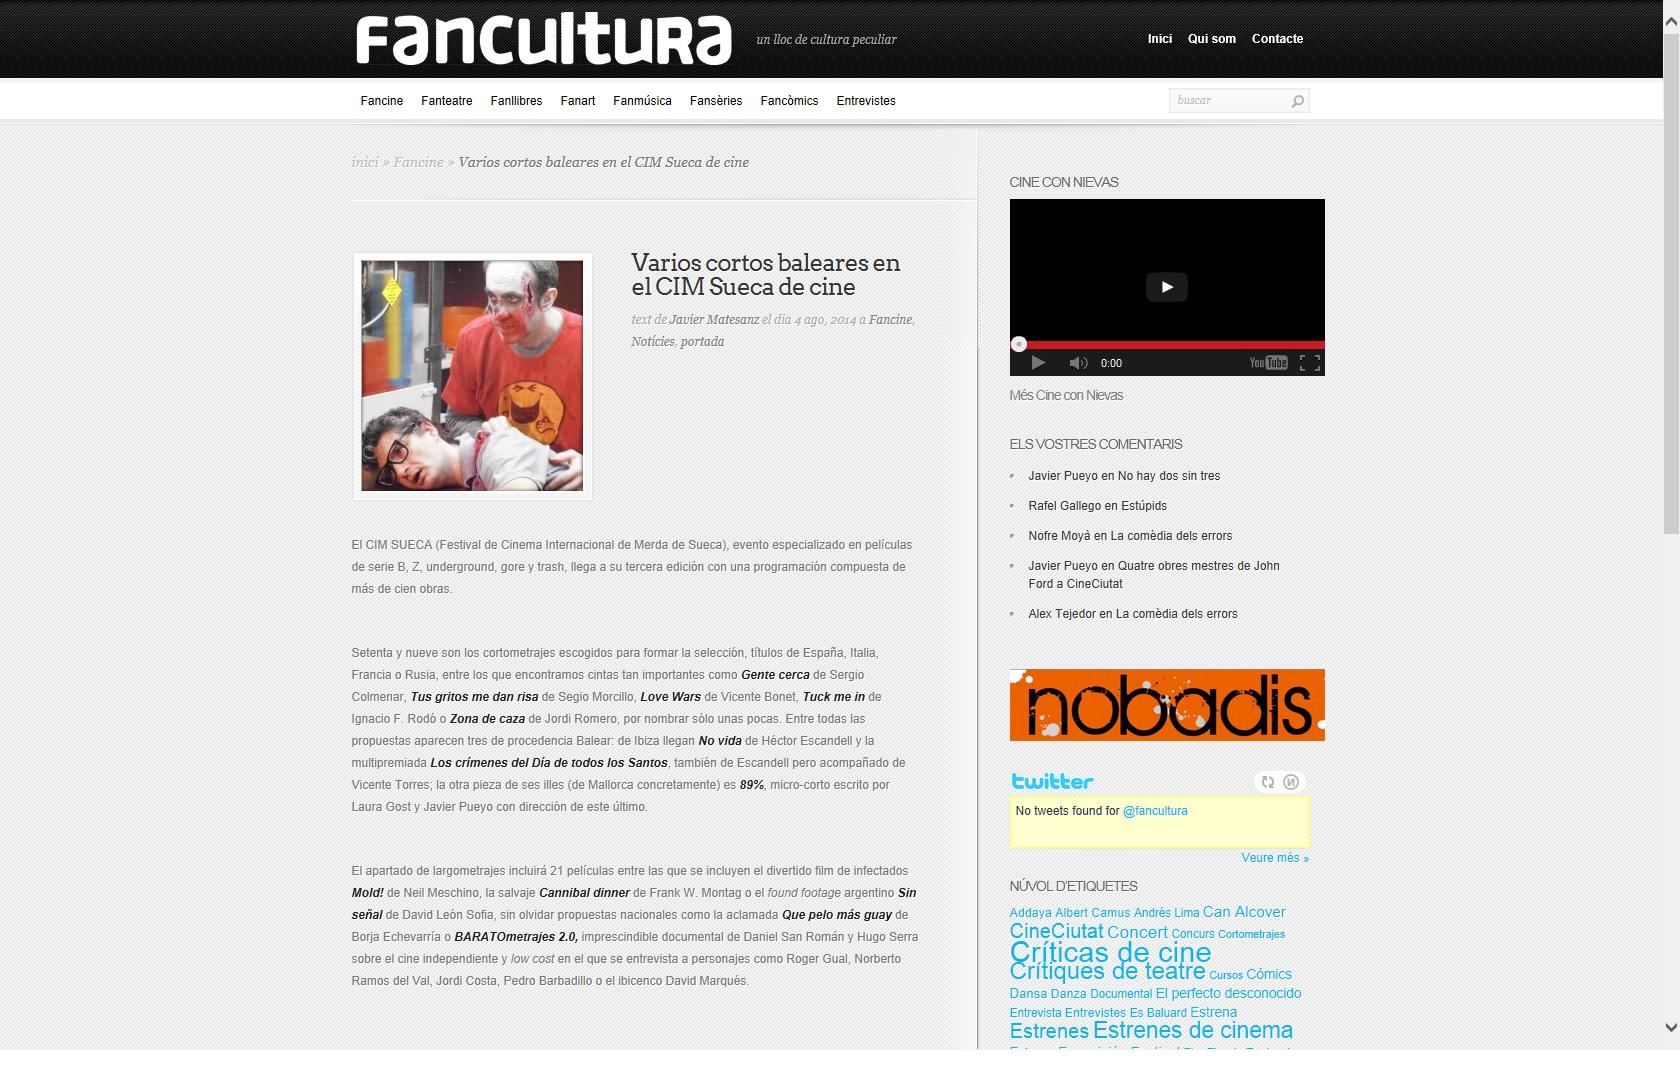 prensa2014-fancultura